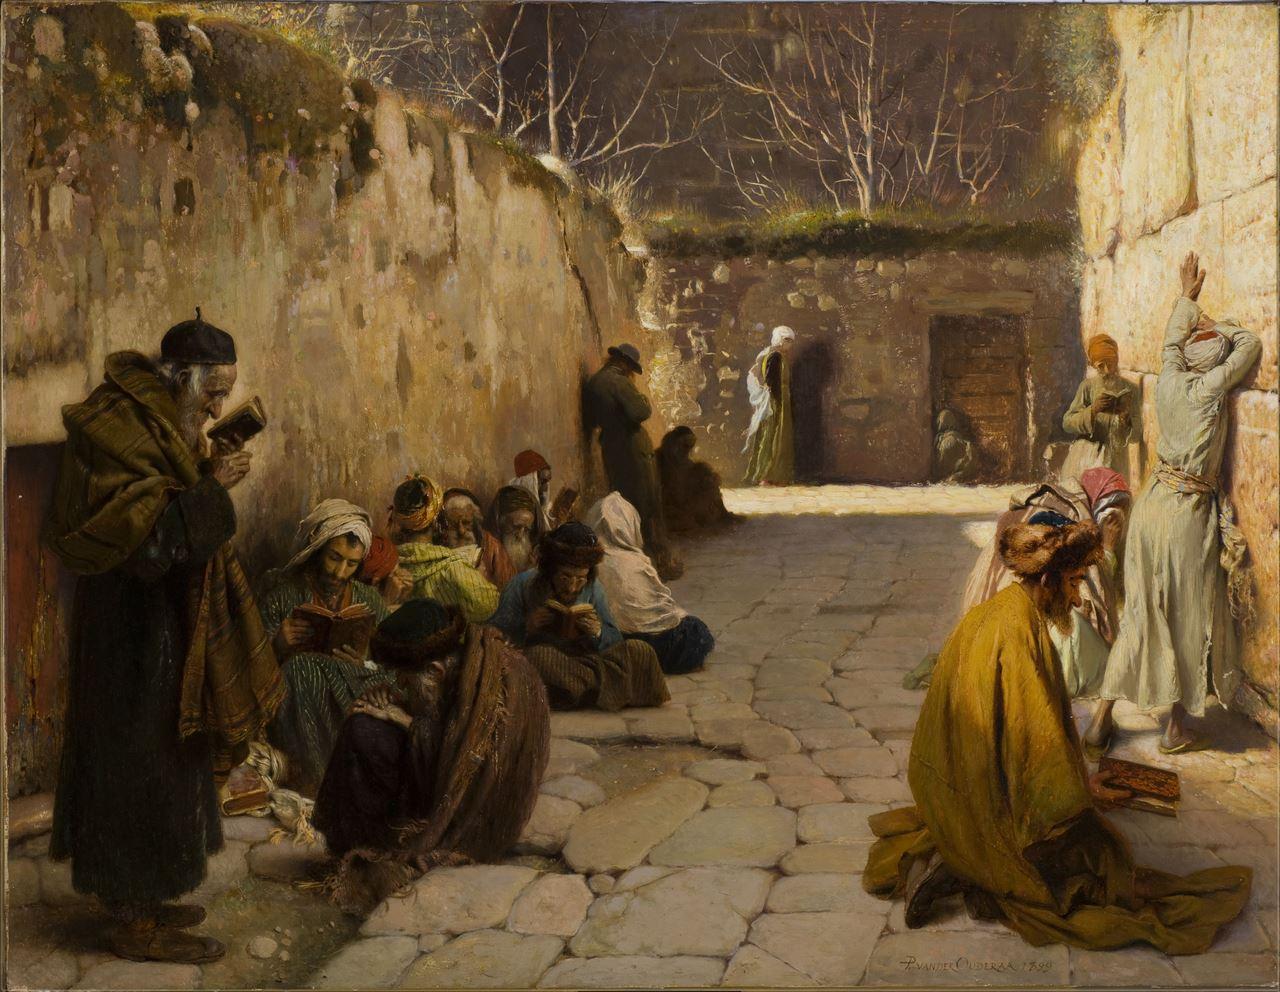 Le mur des lamentations, 1899 Huile sur toile, 70 x 91 cm Don de la famille Passelecq mba. 160 Photo : A. Breyer